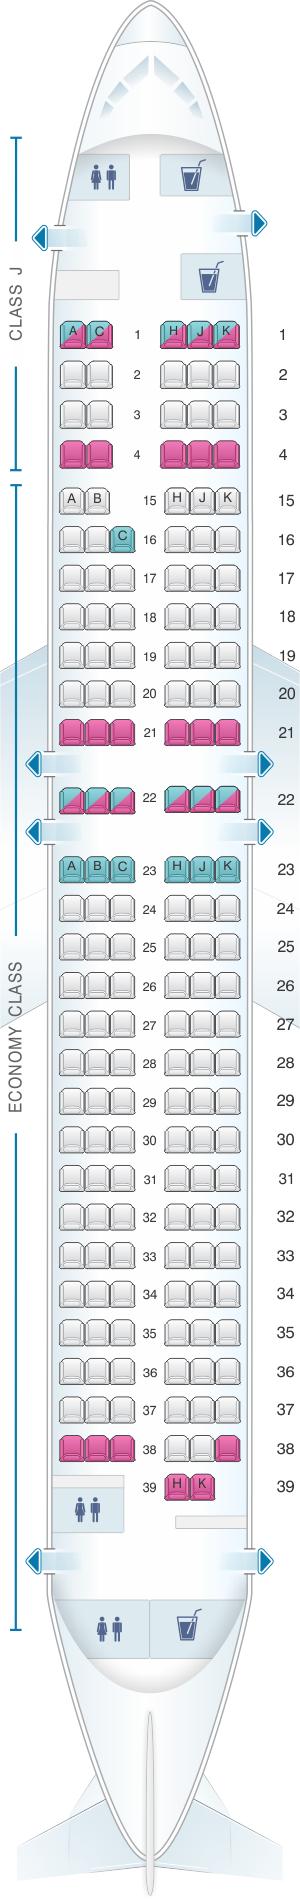 Seat map for Japan Airlines (JAL) Boeing B737 800 V30/V32